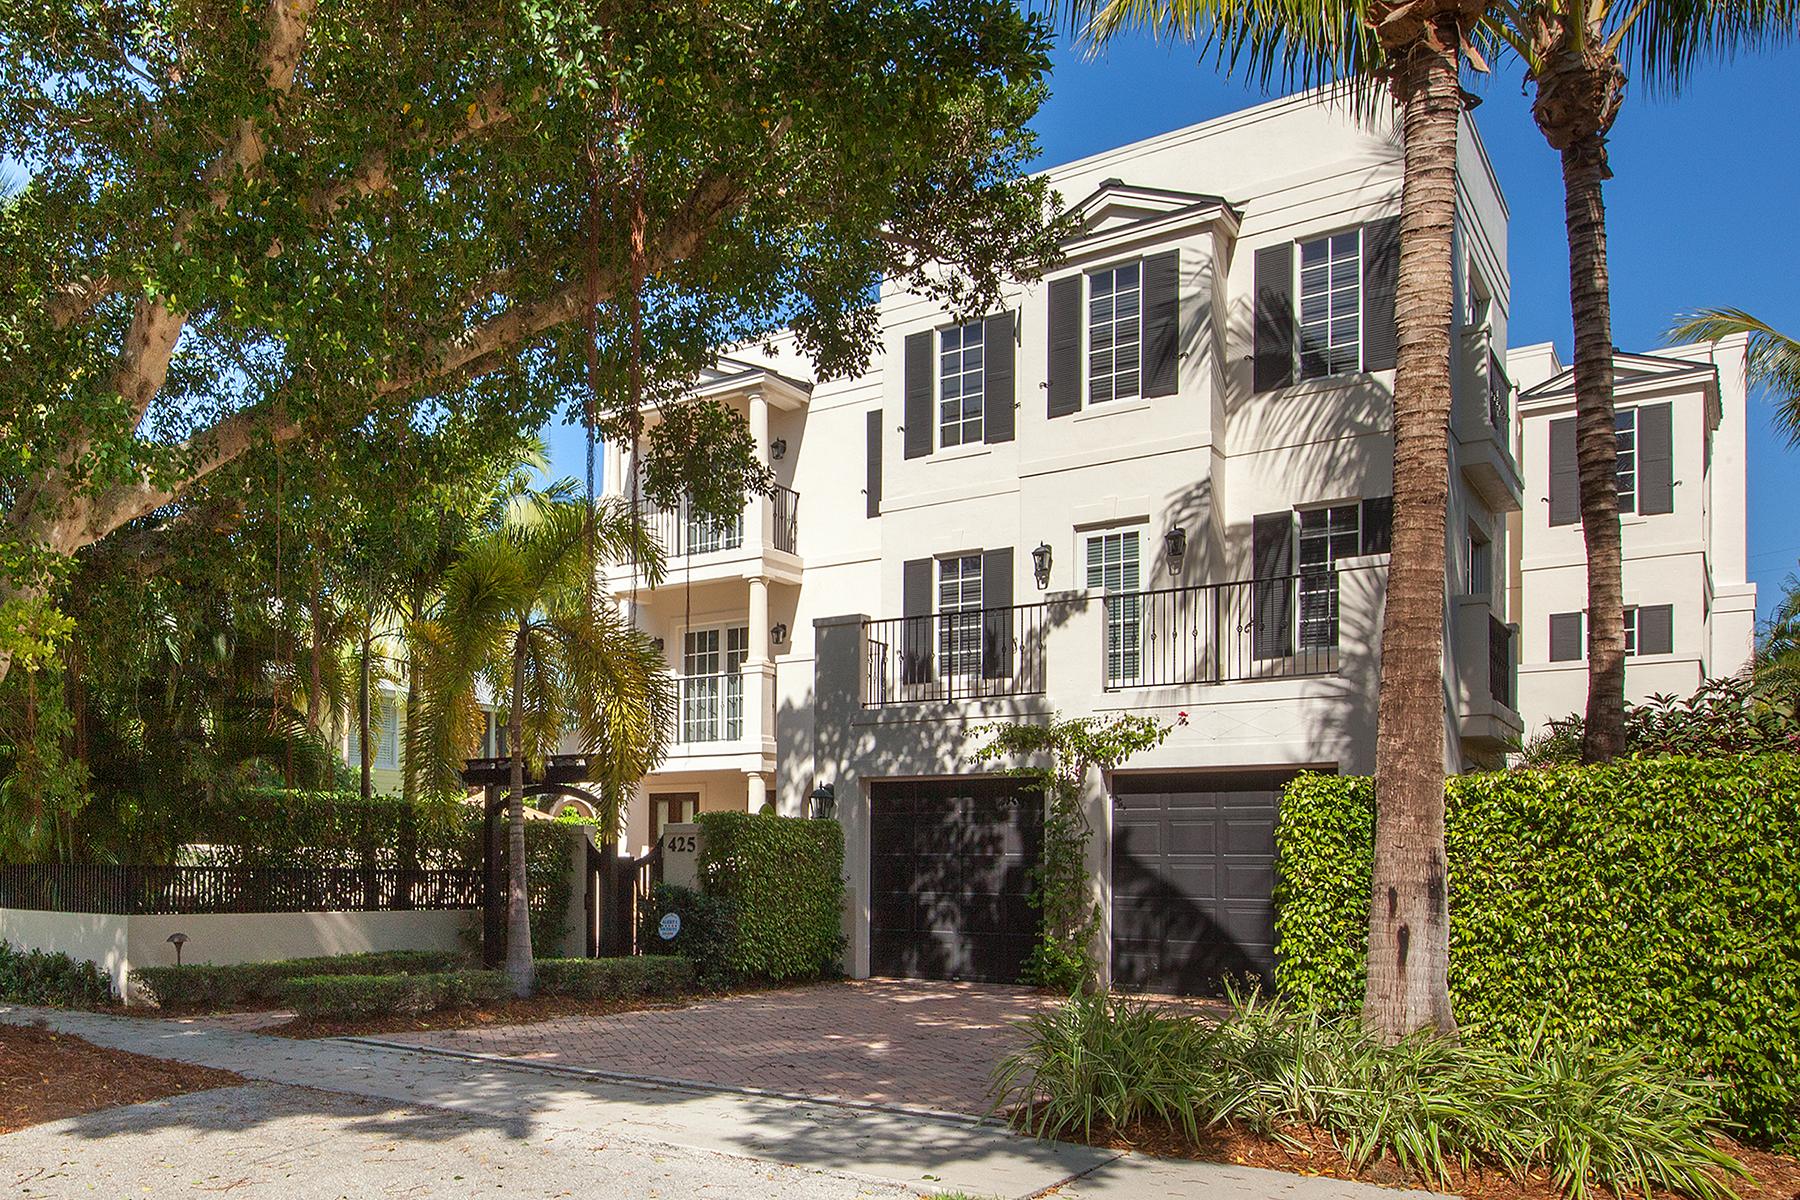 Residência urbana para Venda às OLD NAPLES - ORCHID PLACE 425 3rd Ave S 2 Naples, Florida, 34102 Estados Unidos